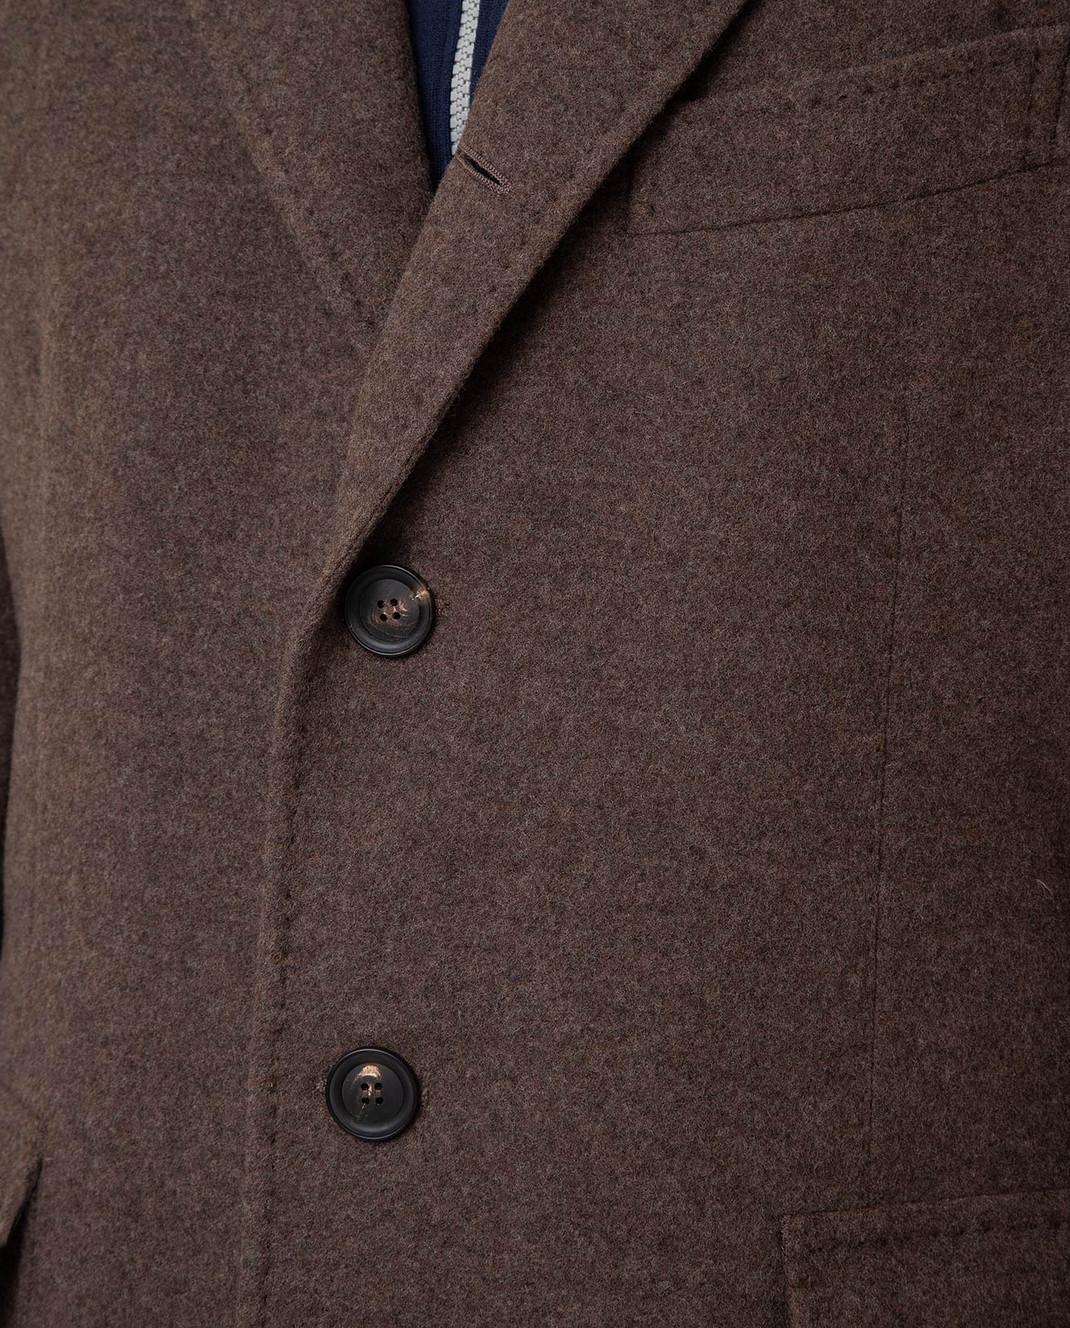 Stile Latino Коричневое пальто из шерсти и кашемира CUALFIO4592TMC20 изображение 5